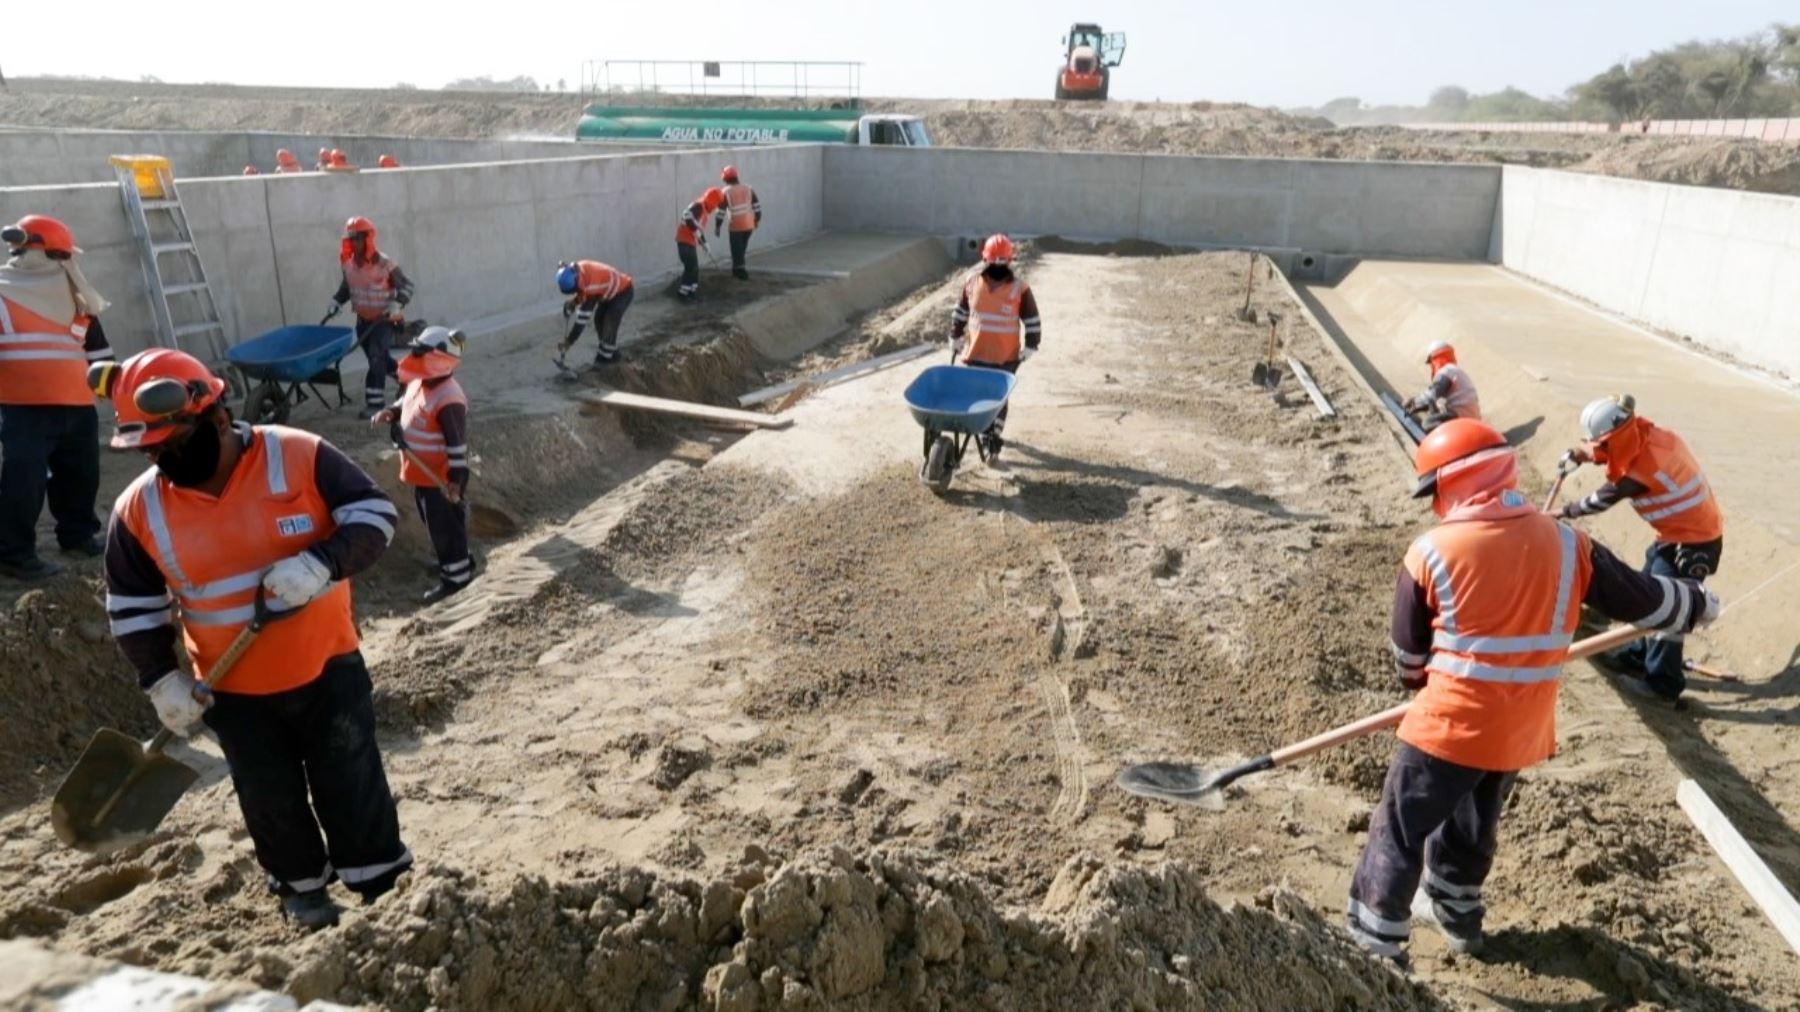 El Ministerio de Vivienda transferirá S/ 38.4 millones de soles a 10 municipalidades del país para ejecutar obras de saneamiento. ANDINA/Difusión